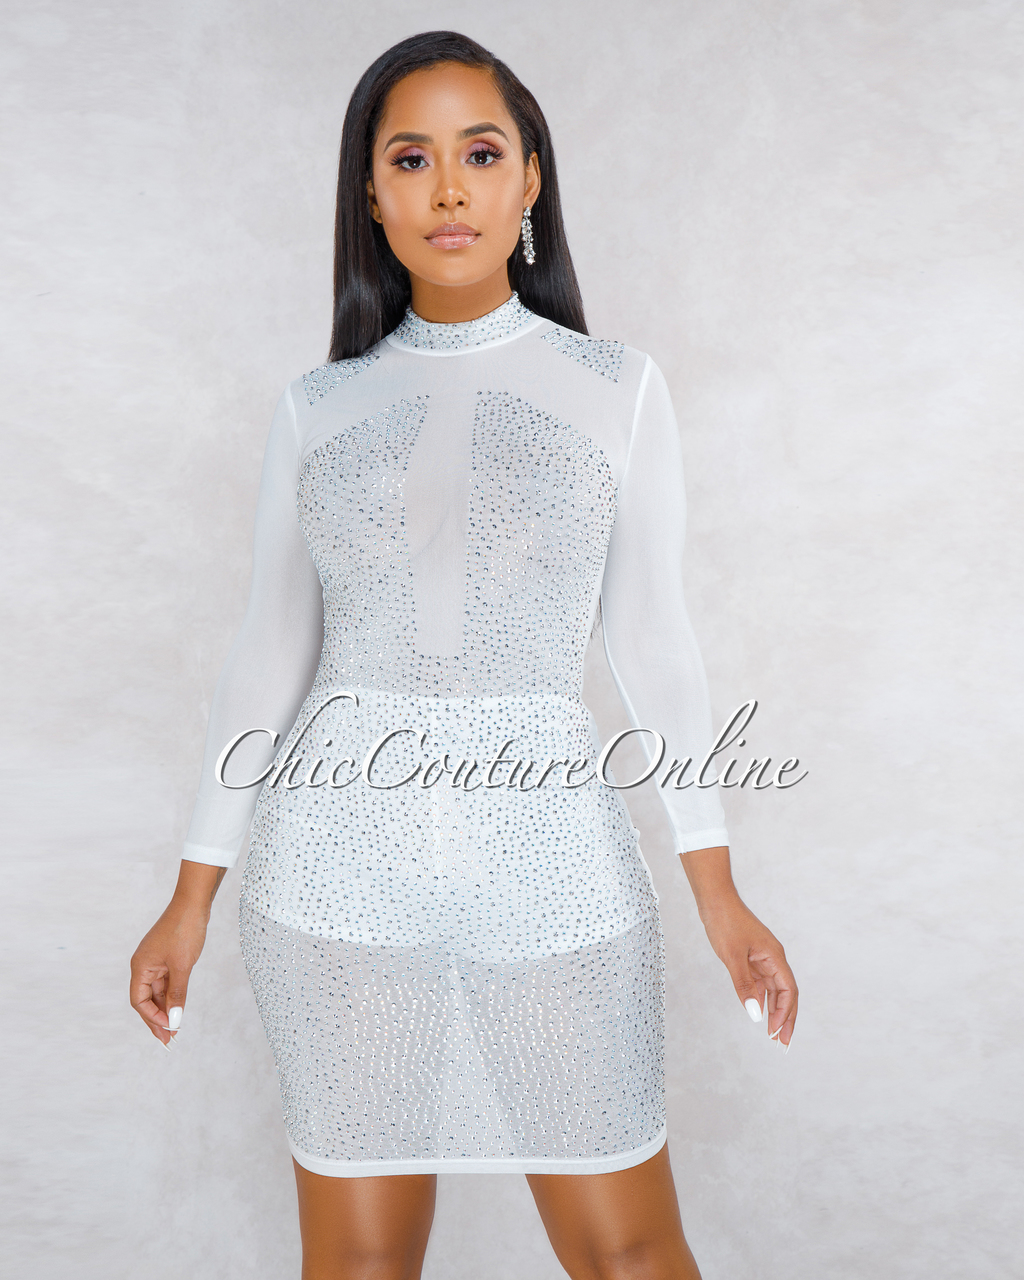 Mirabelle White Iridescent Rhinestones Sheer Dress